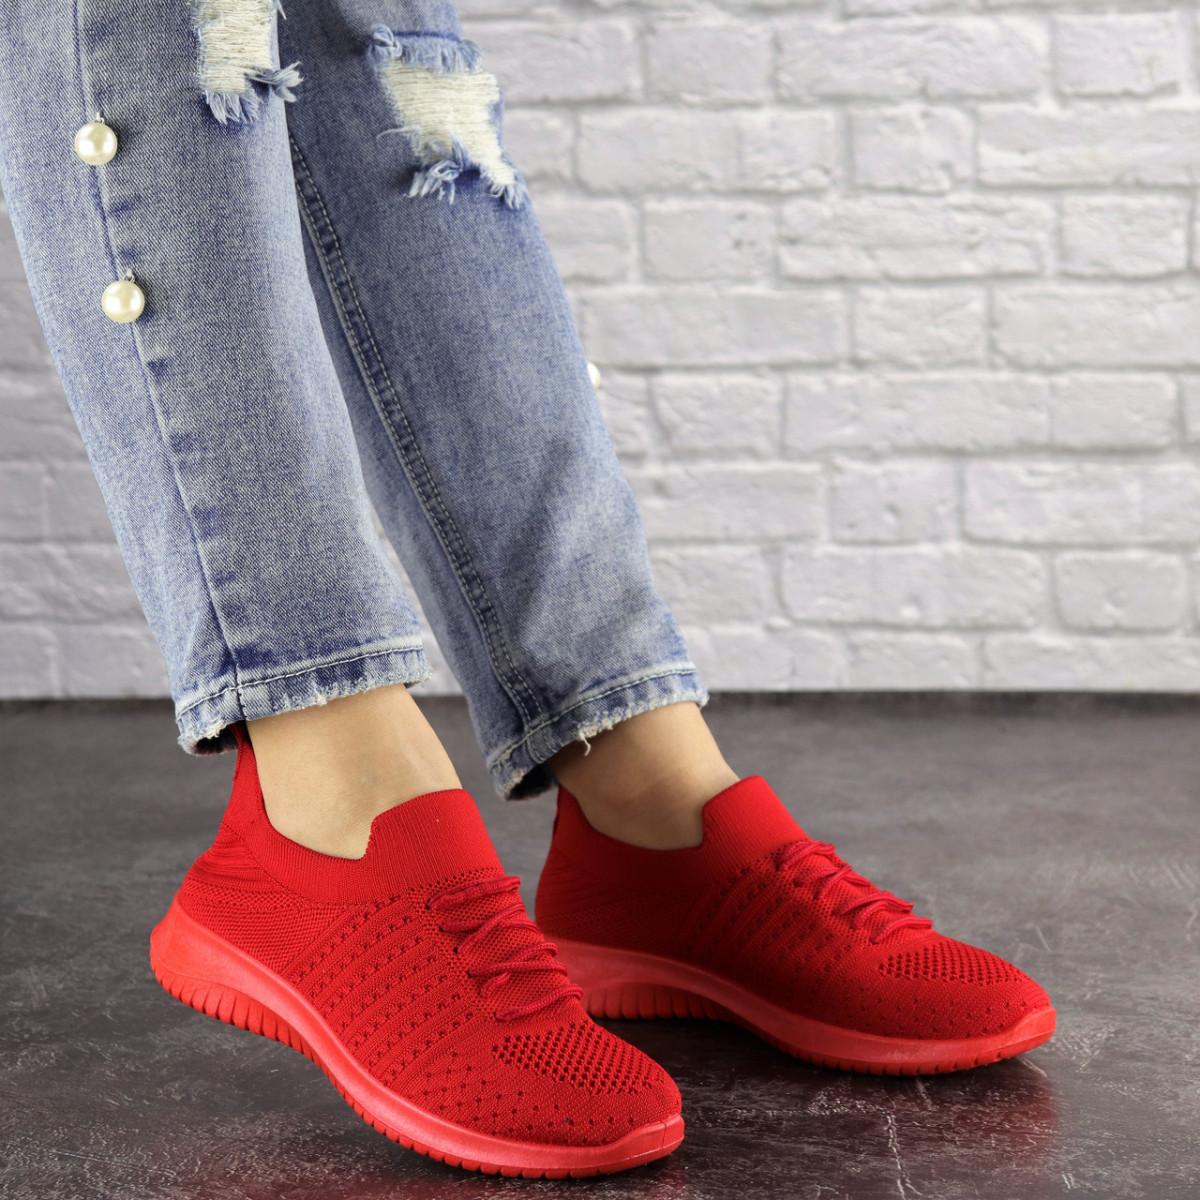 Женские красные кроссовки Stella 1577 (36 размер)